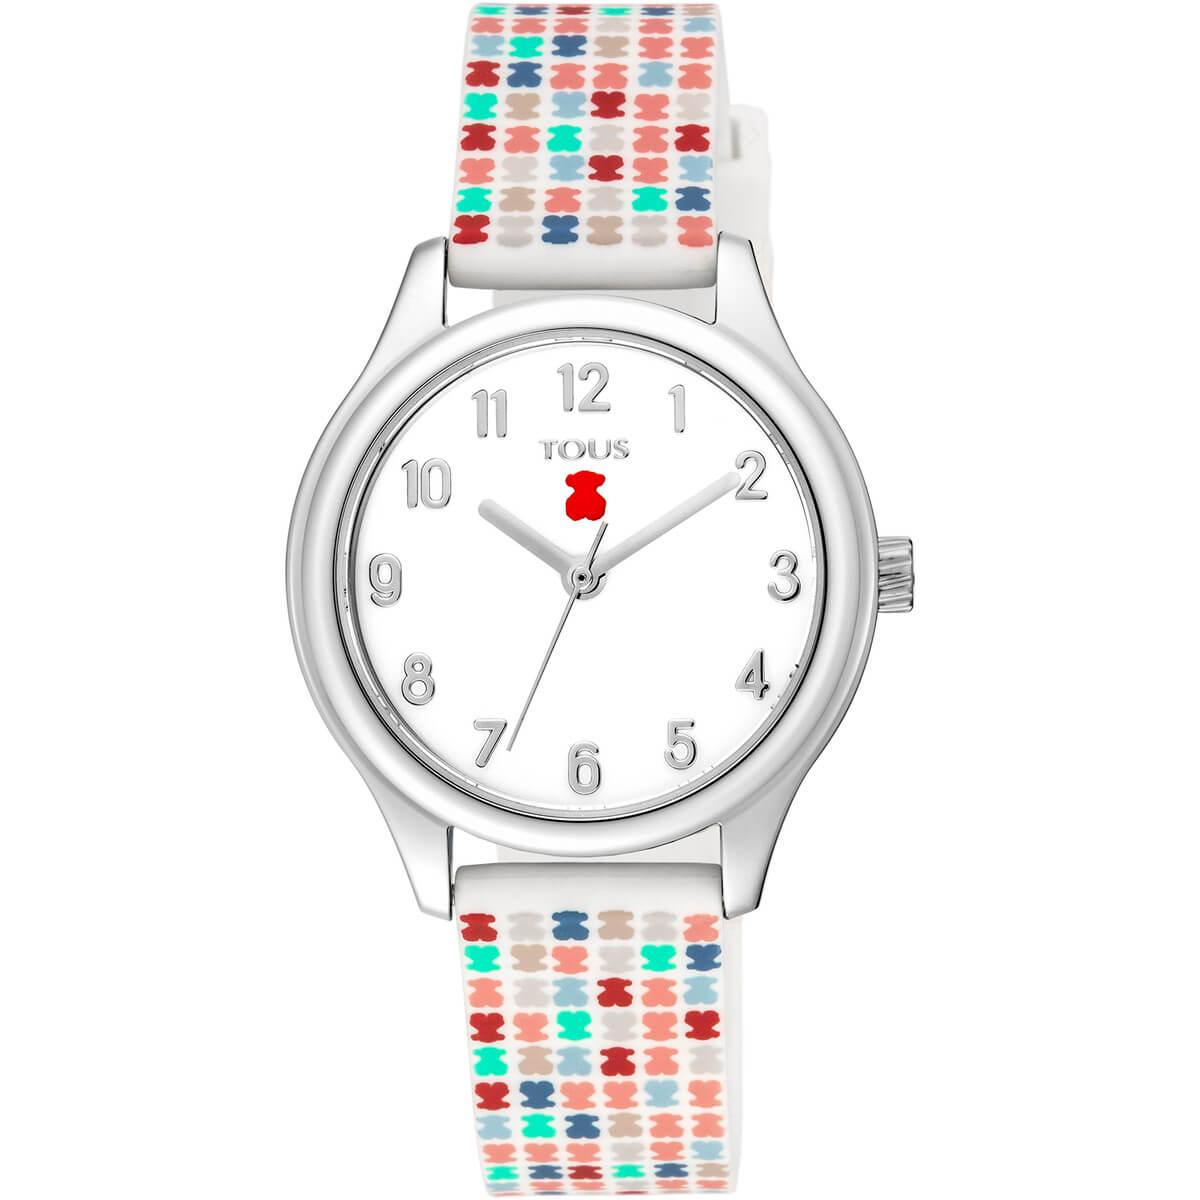 Reloj Tous niña con correa de caucho estampada con ositos de colores. Fondo de la esfera color blanco con los numeros y las agujas en color plateado